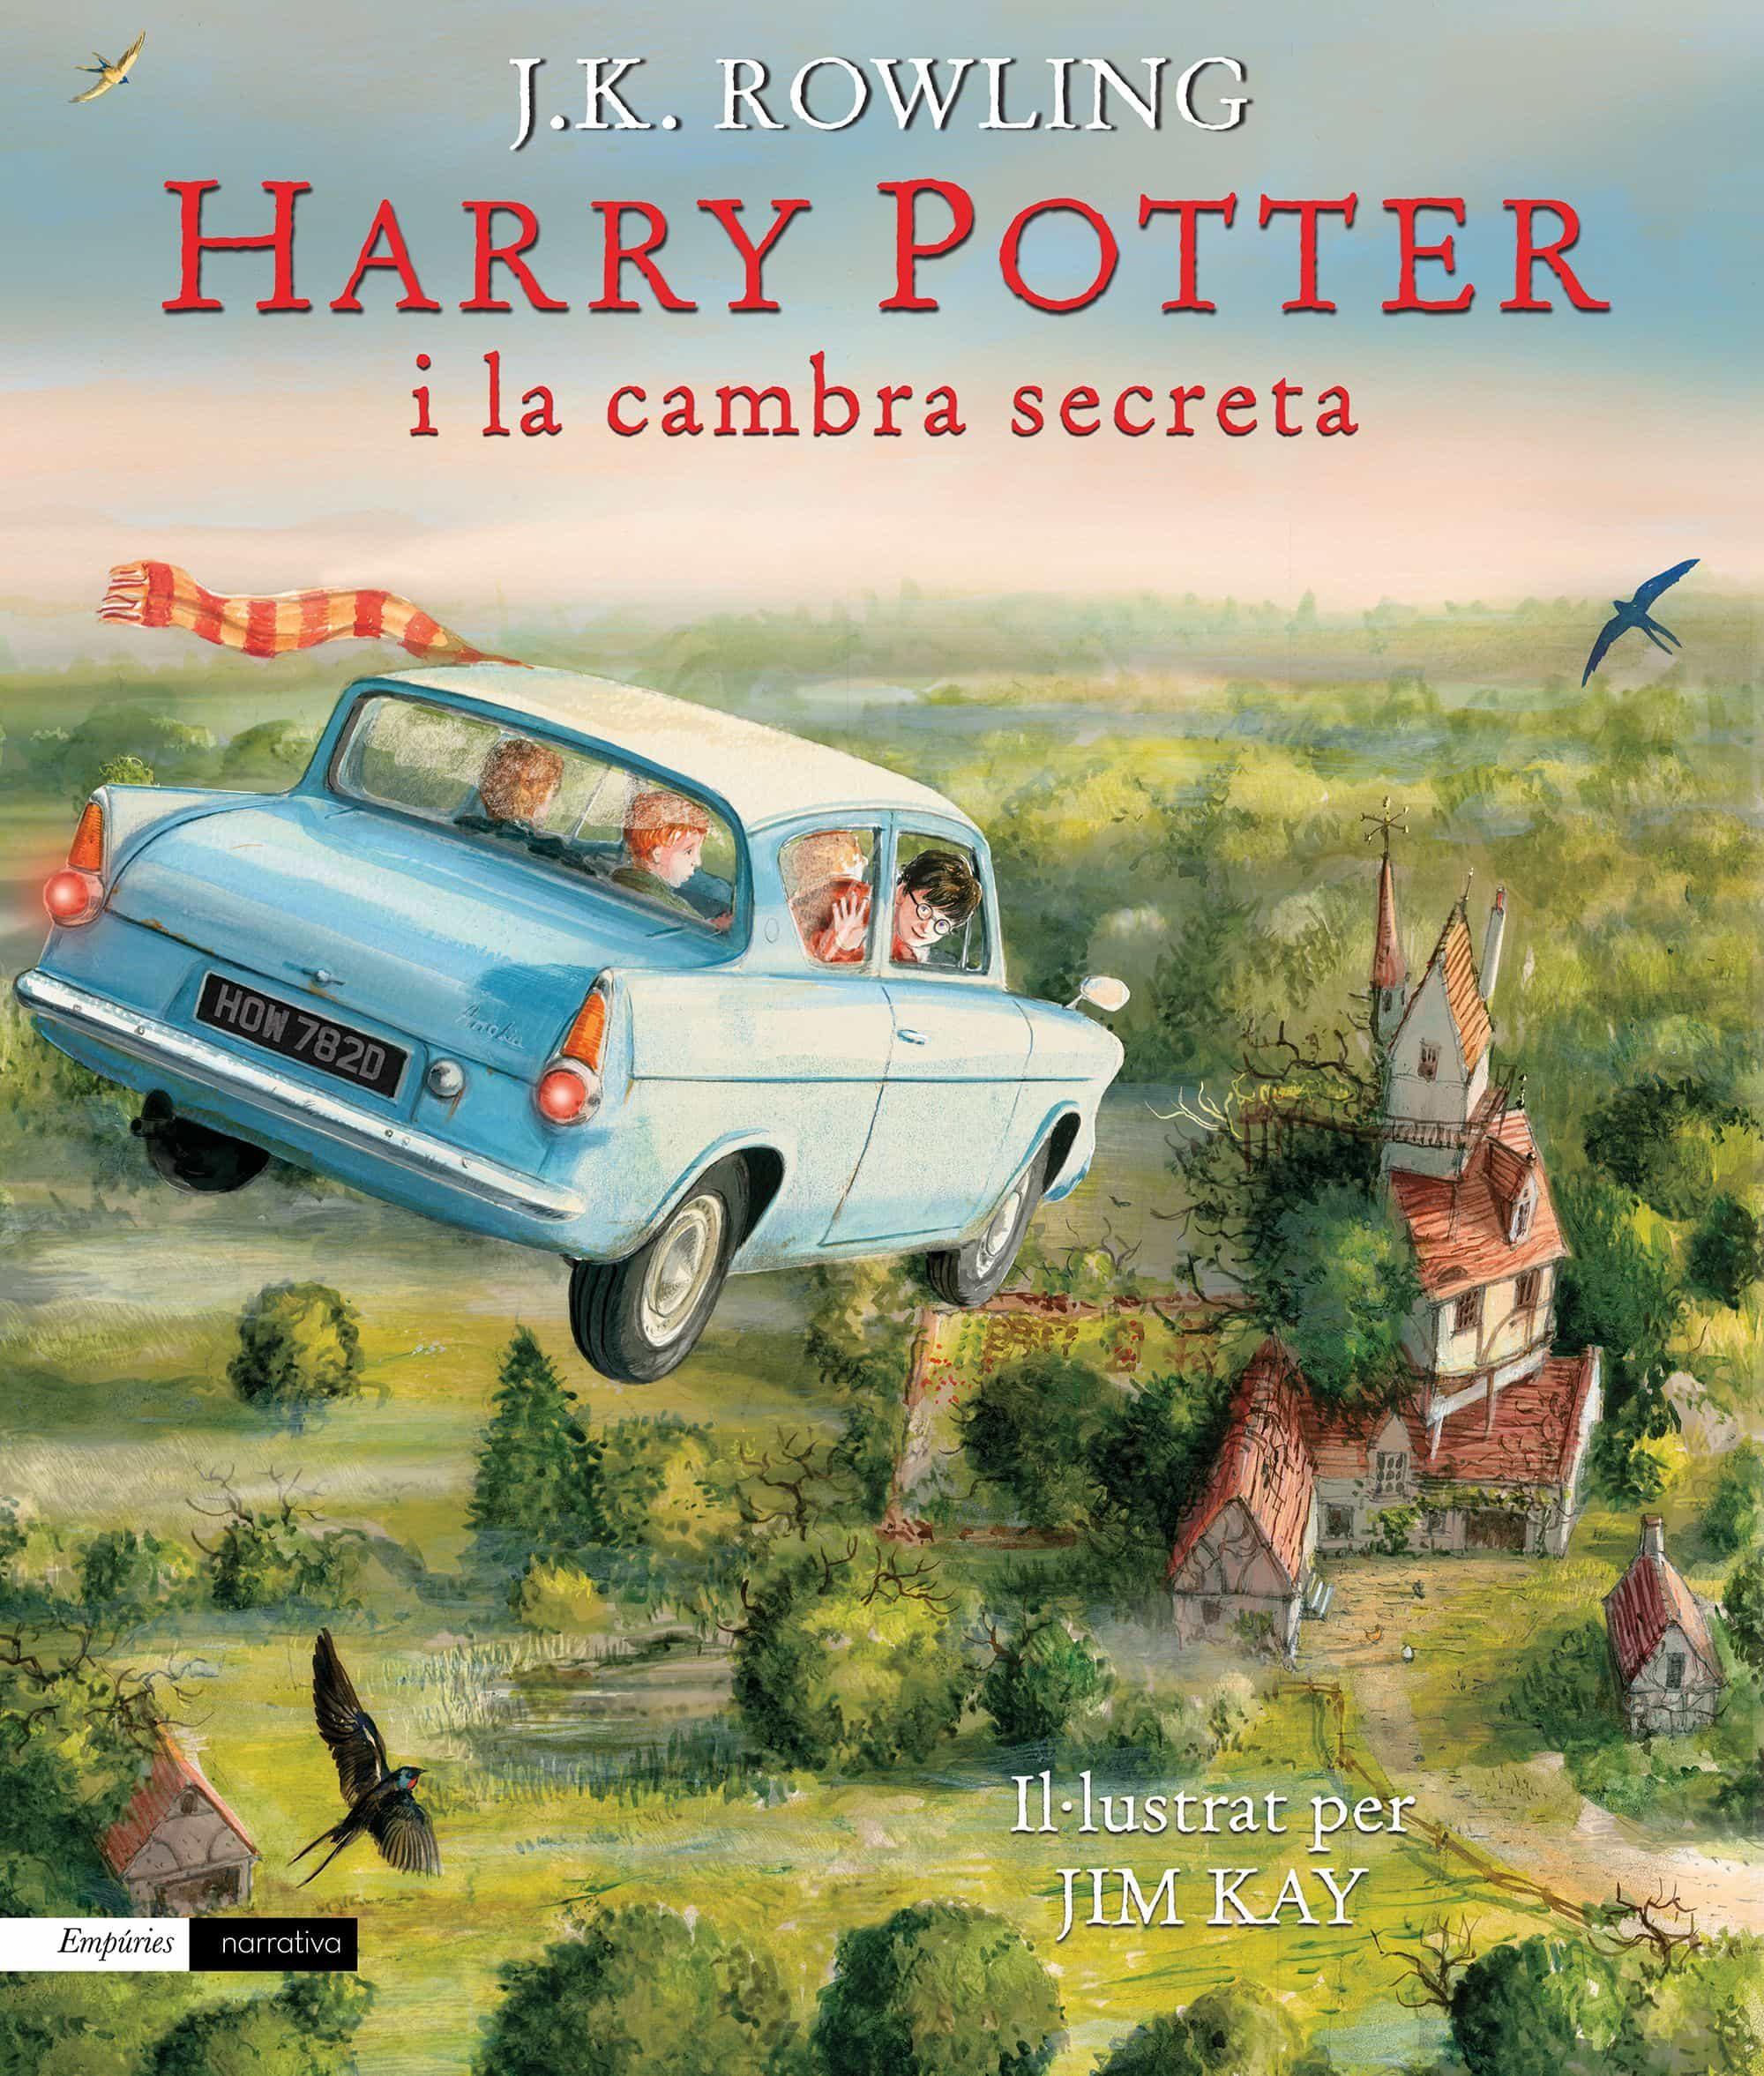 harry potter i la cambra secreta (edicio il·lustrada)-j.k. rowling-9788416367658